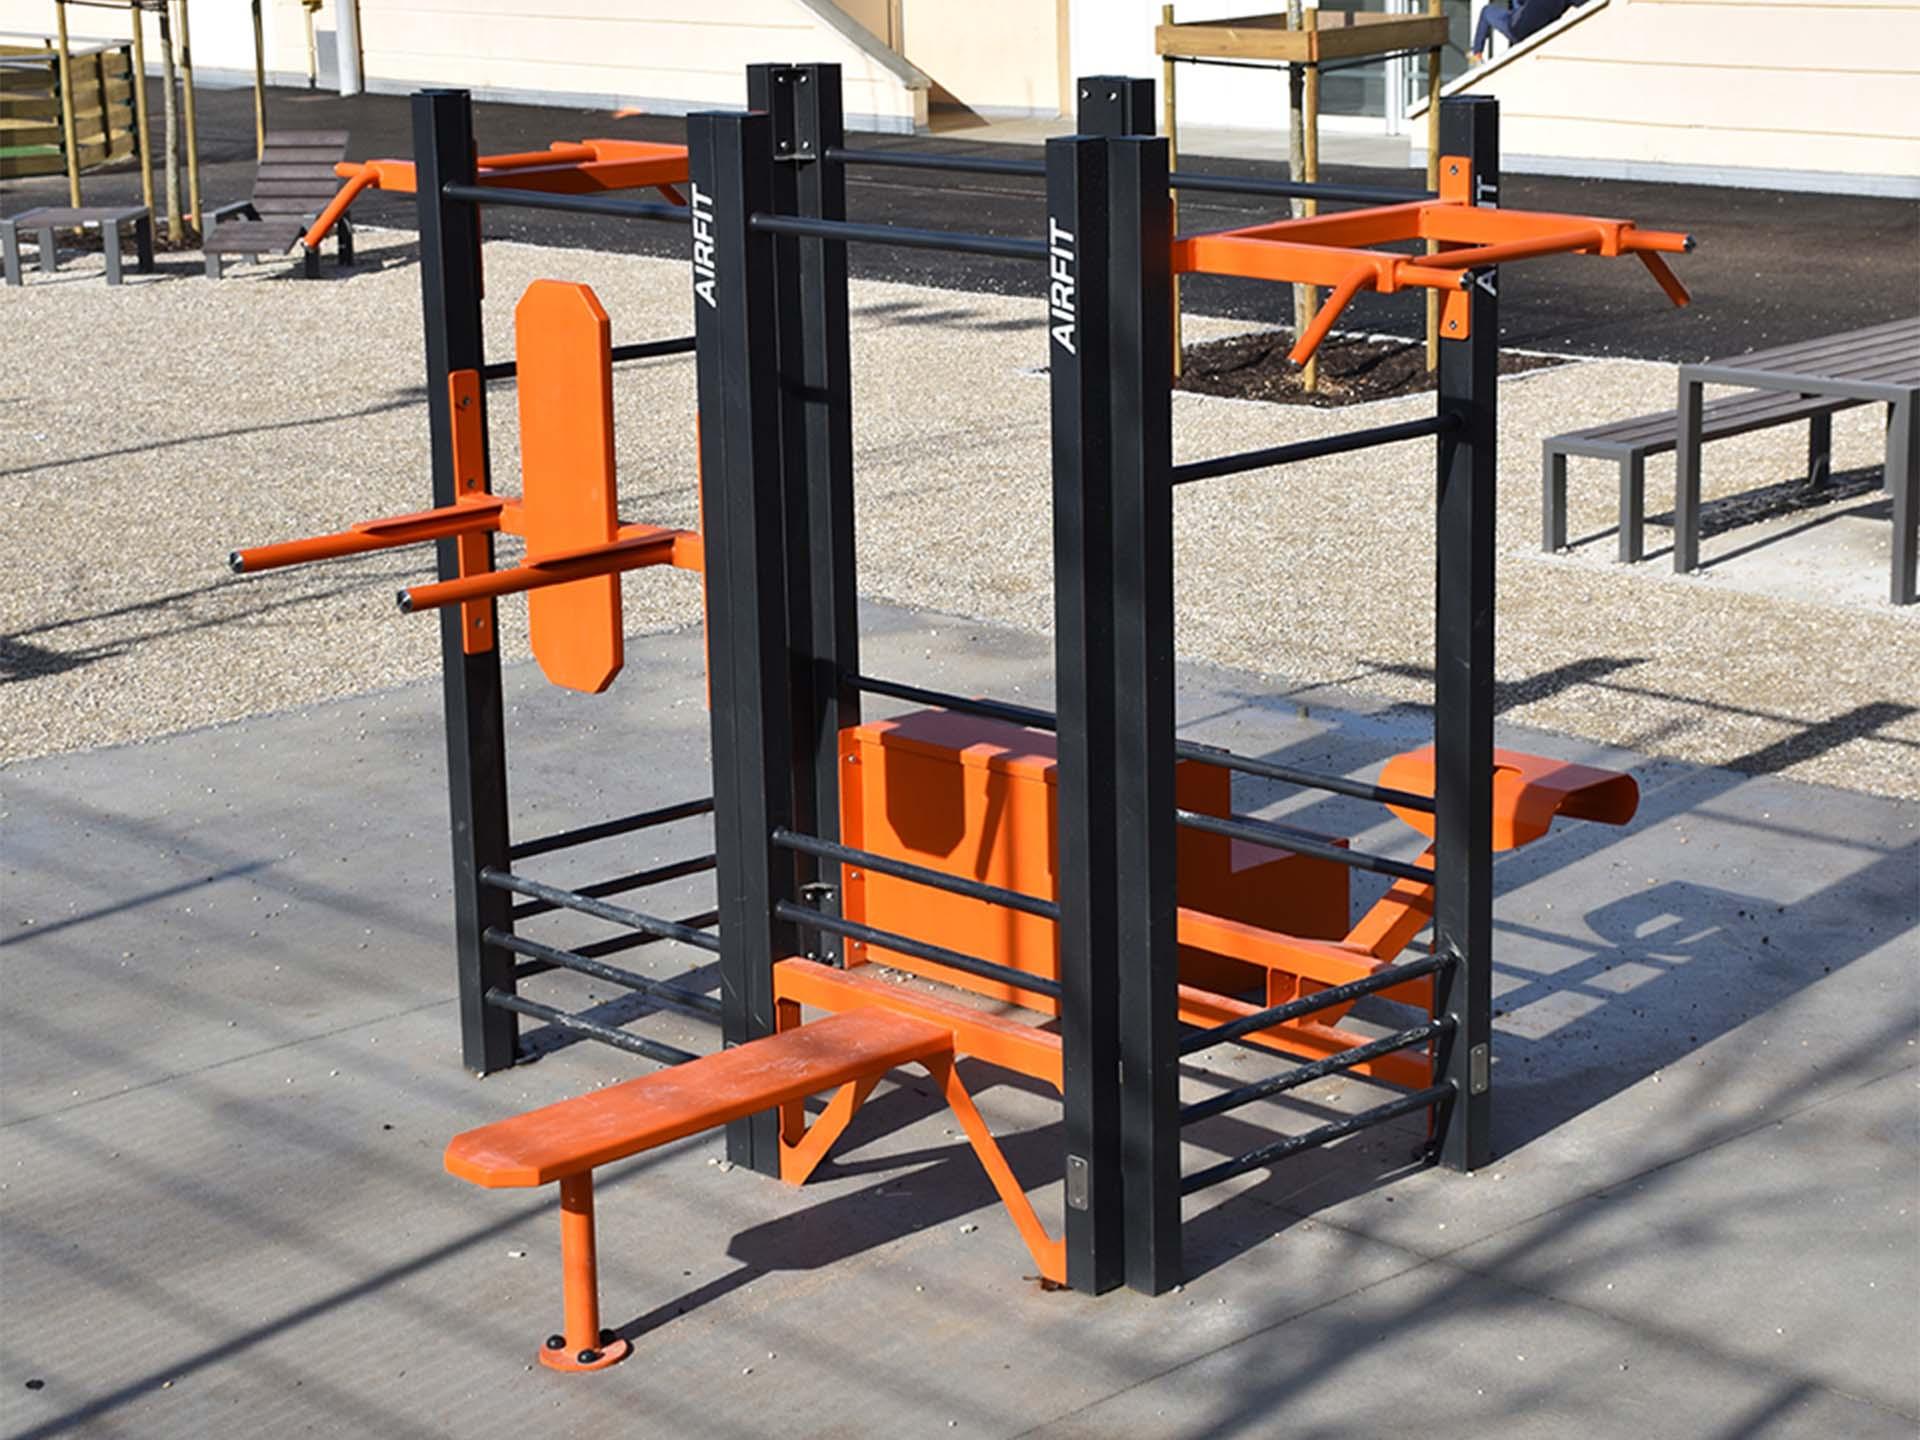 Photo de l'équipement de fitness en plein air de Saint Julien en Genevois